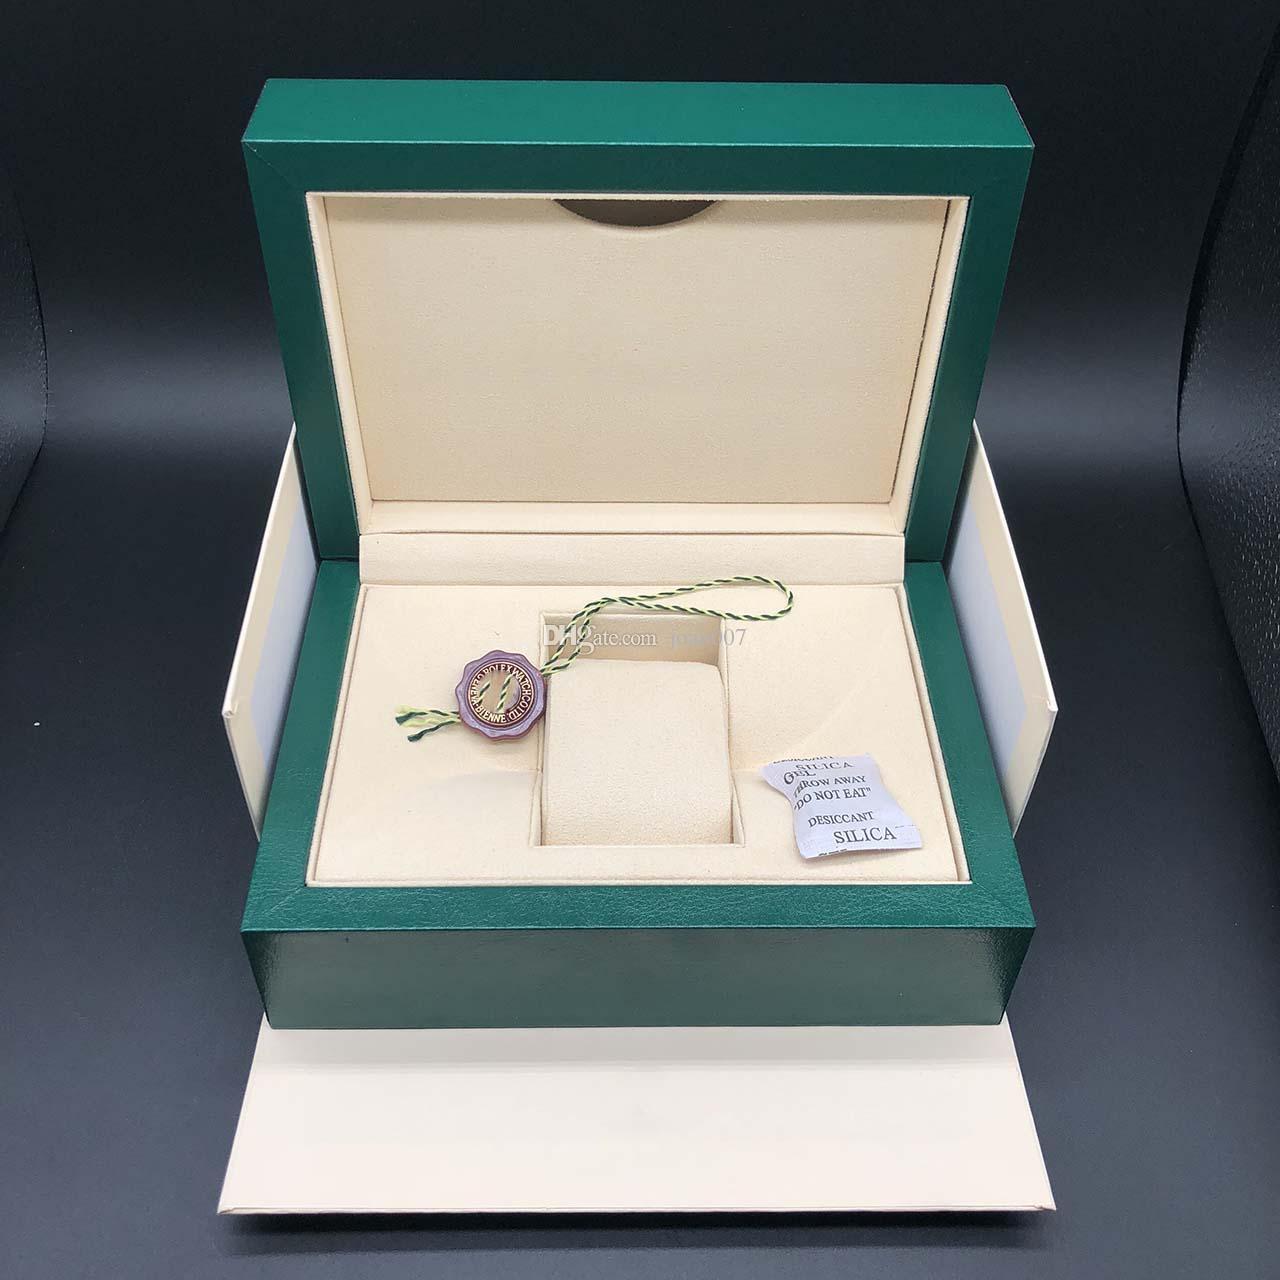 En İyi Kalite Koyu Yeşil İzle Kutusu Hediye Durumda Rolex Saatler Kitapçık Kart Etiketleri ve İngilizce İsviçre Saatler Kutuları Joan007